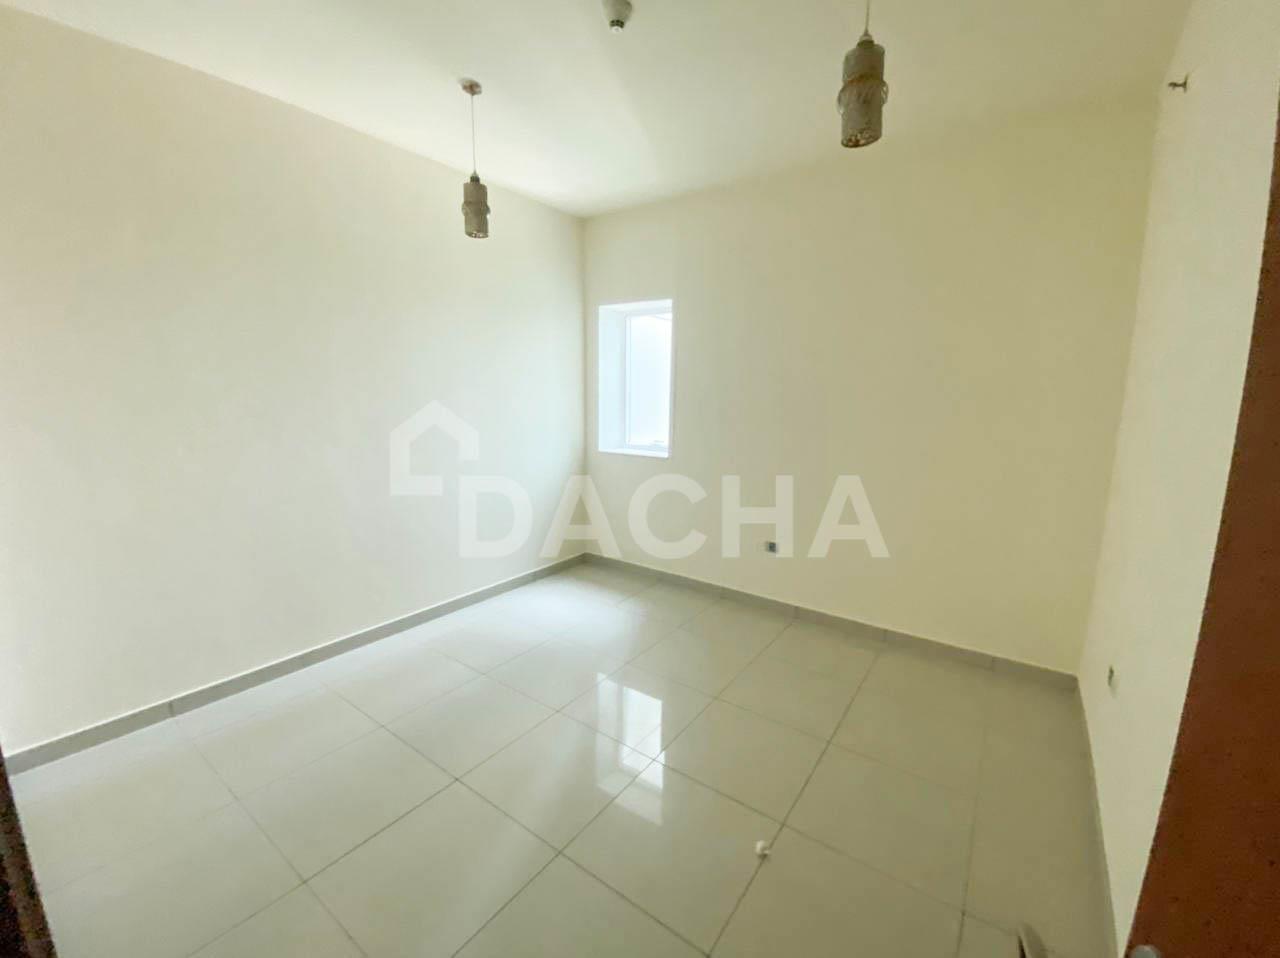 1 Bedroom / Unfurnished / Dubai Marina